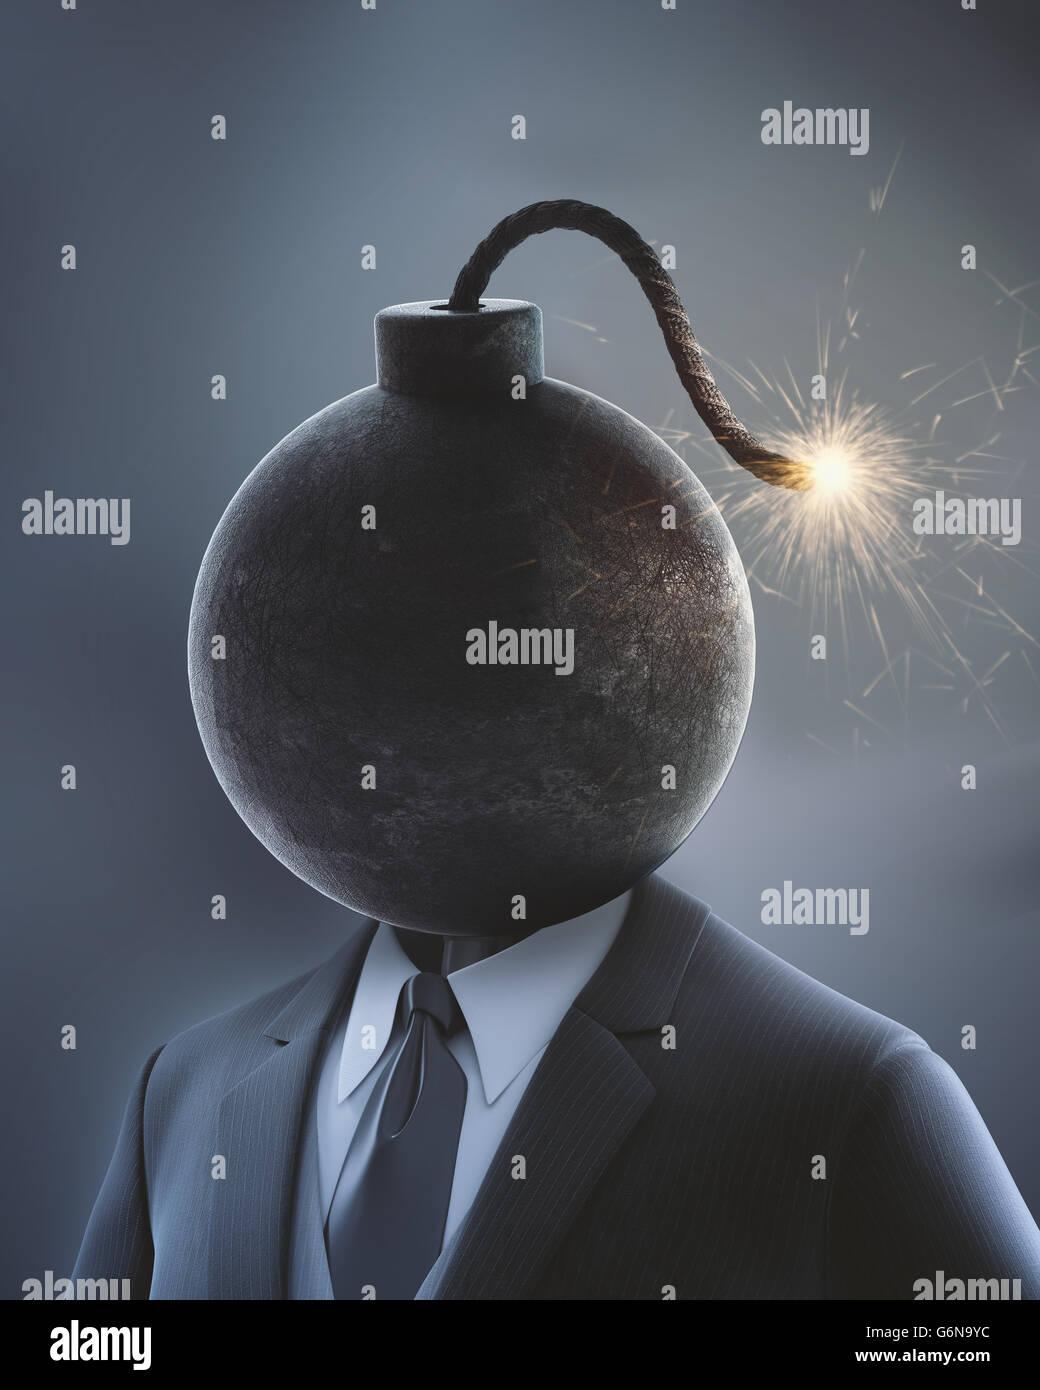 Homme d'affaires à l'aide d'une bombe à la place de sa tête avec un fusible allumé Photo Stock